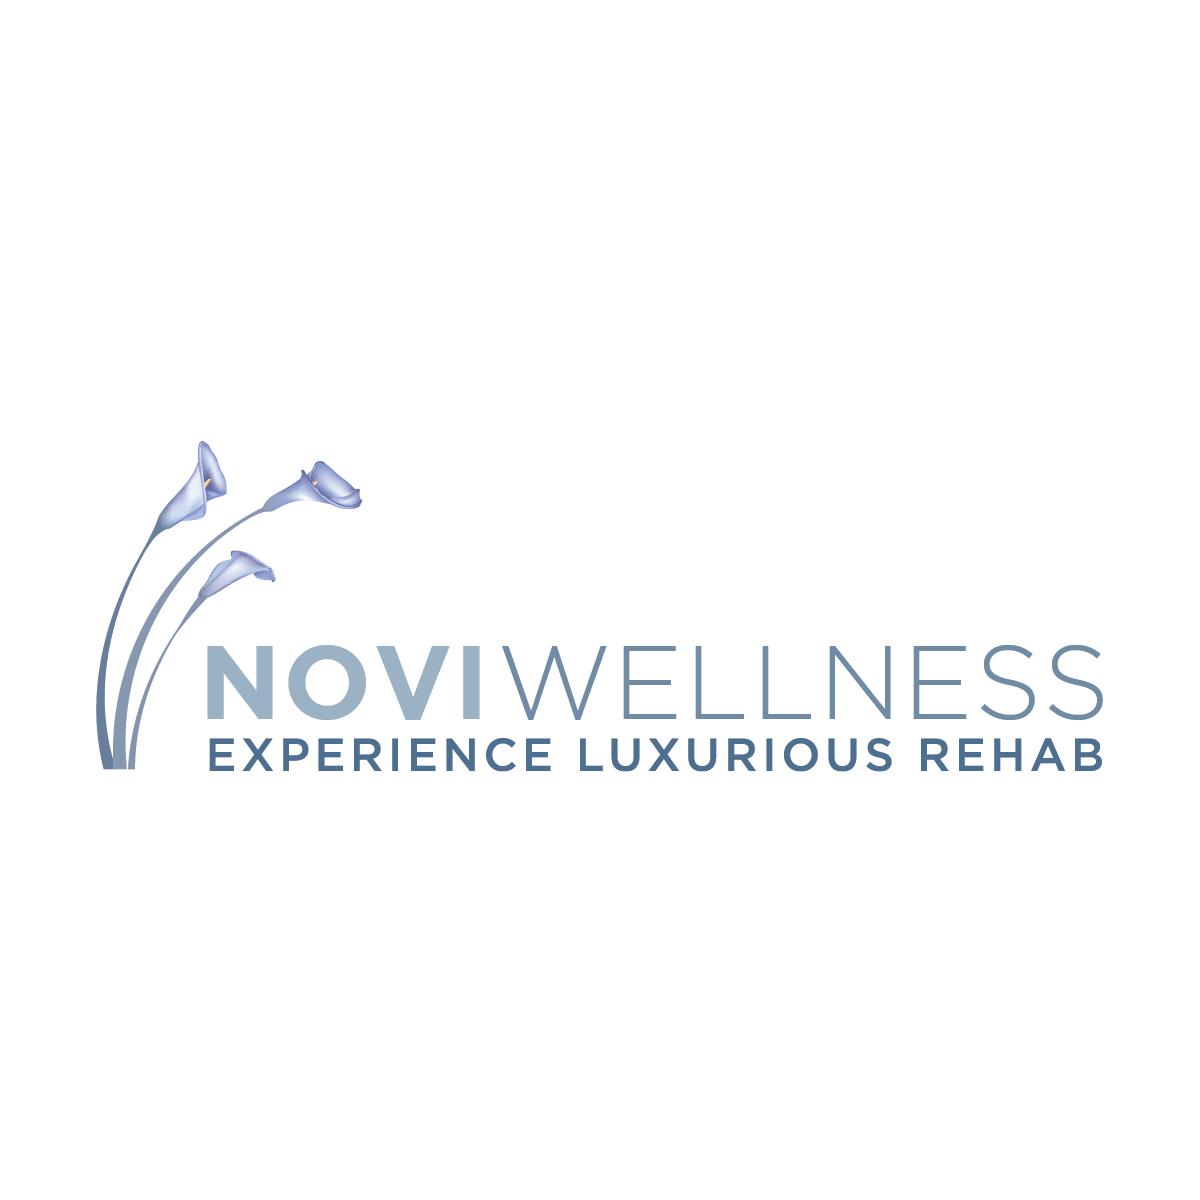 Medilodge of Novi (Novi Wellness)